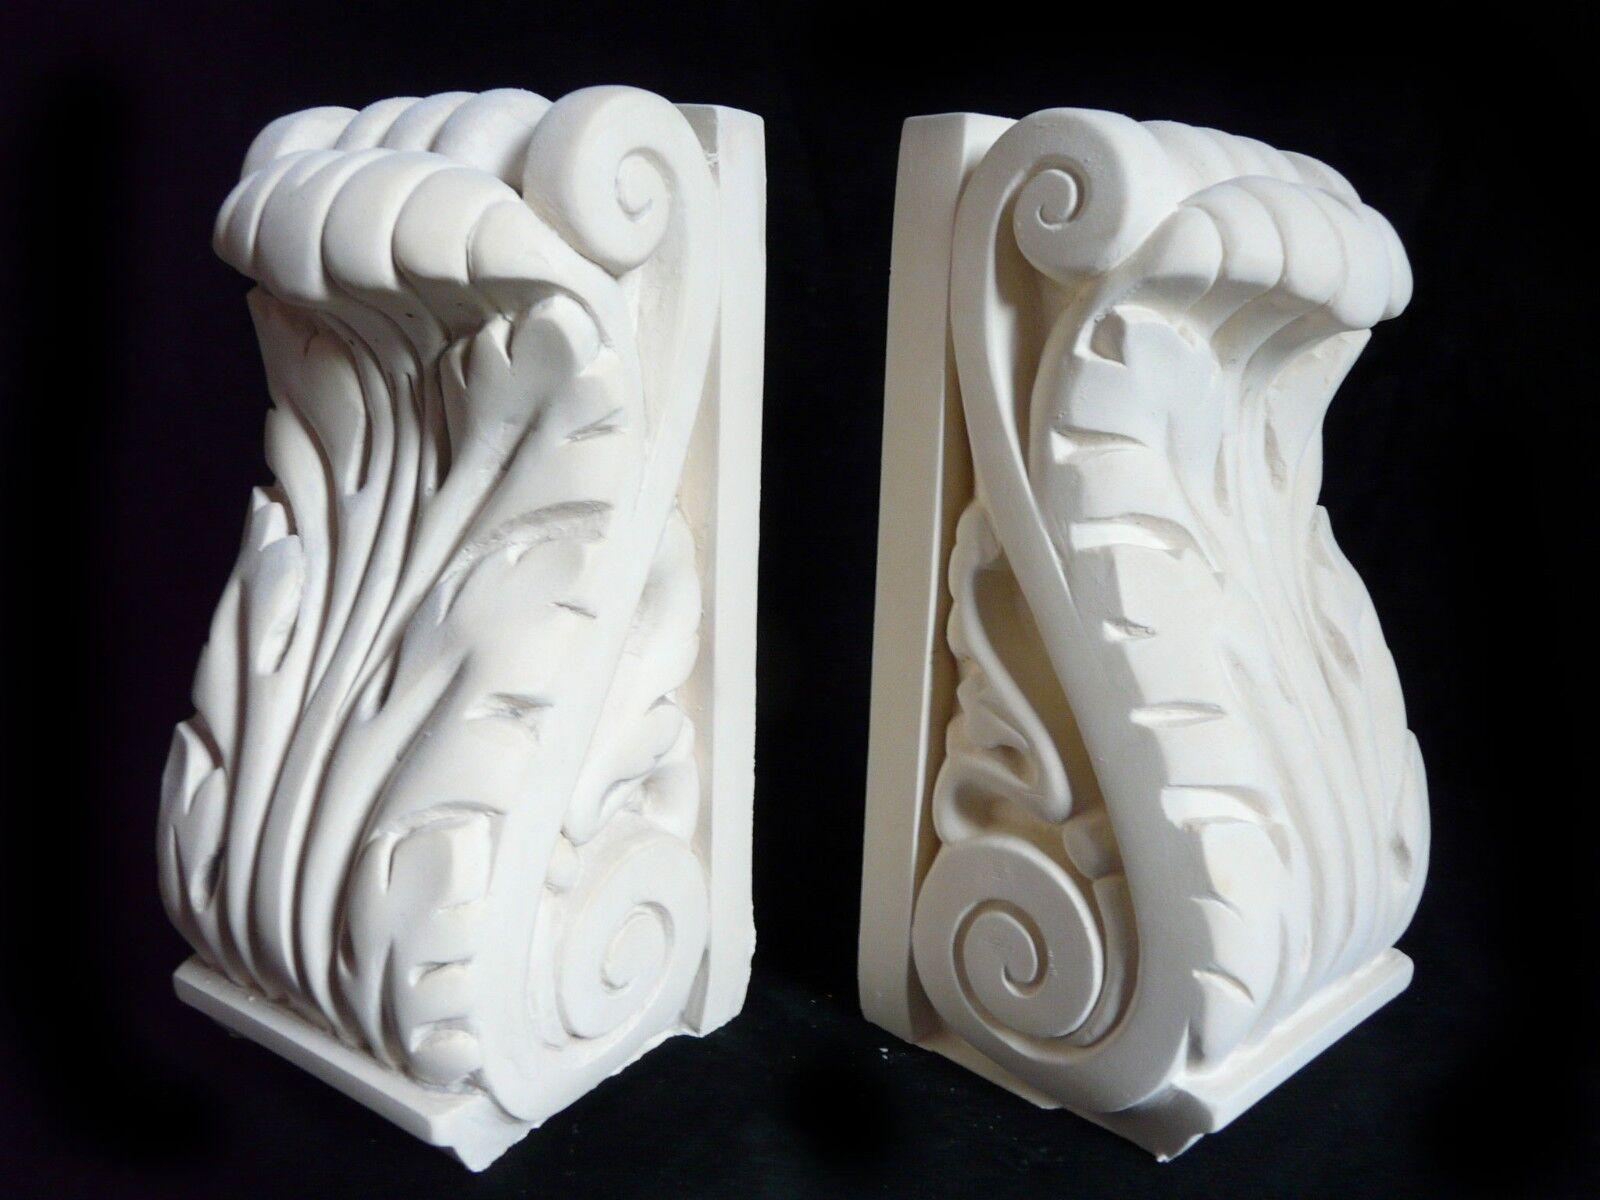 William Morris Hoja Sujetalibros 17cm De Mano Hecho Yeso Sujetalibros Figuras Nuevo